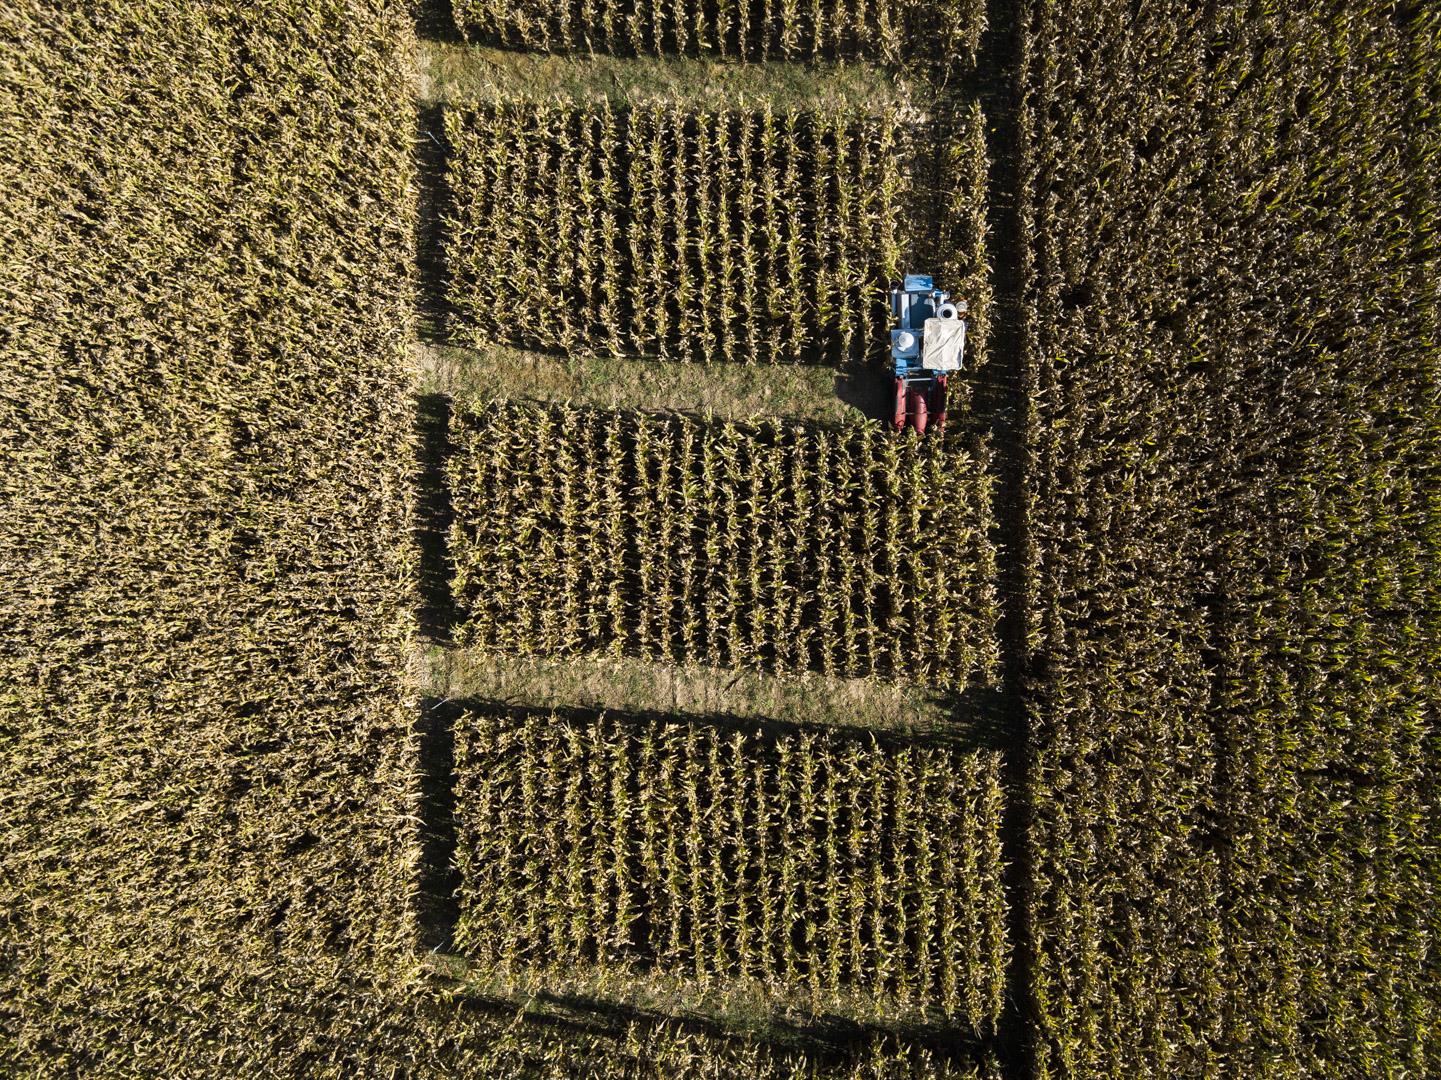 Estudio de campos de maíz